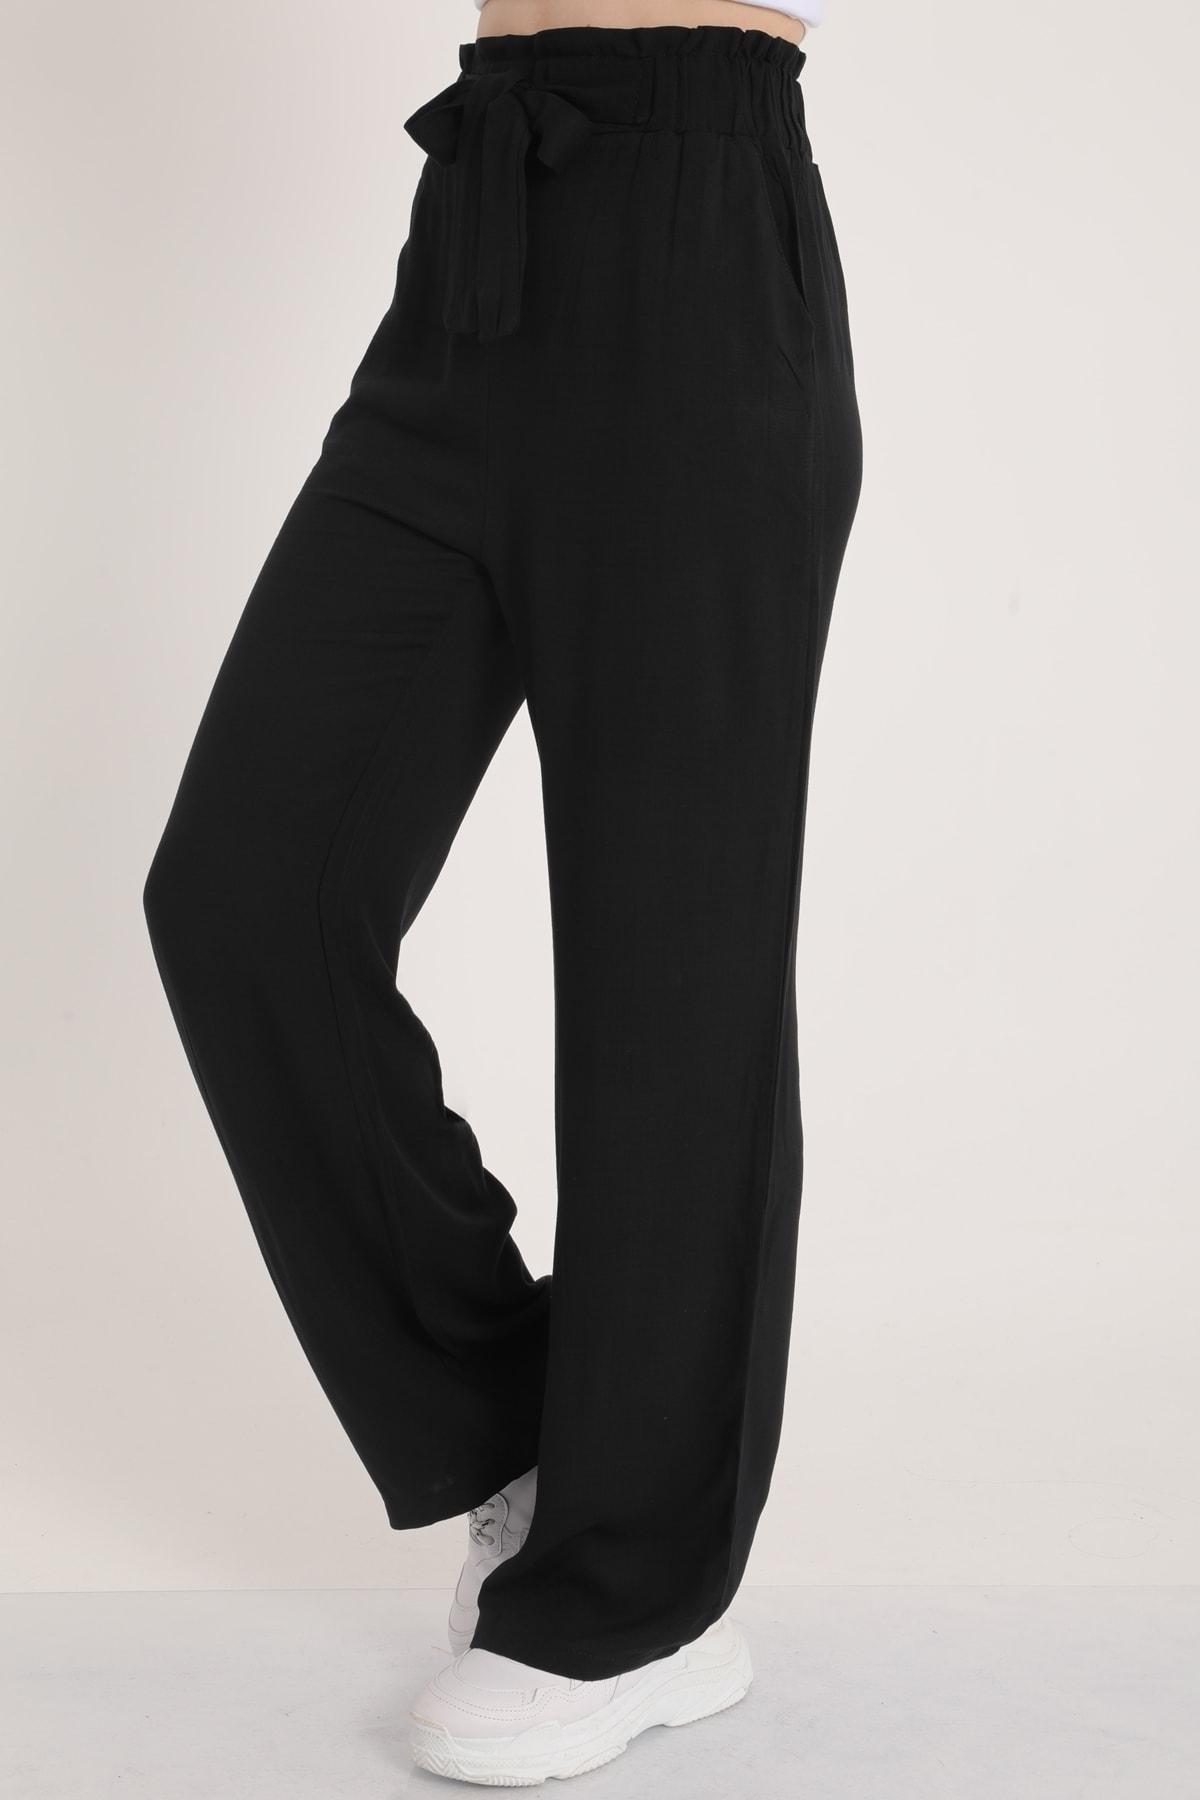 MD trend Kadın Siyah Bel Lastikli Kemerli Salaş Pantolon  Mdt5181 2